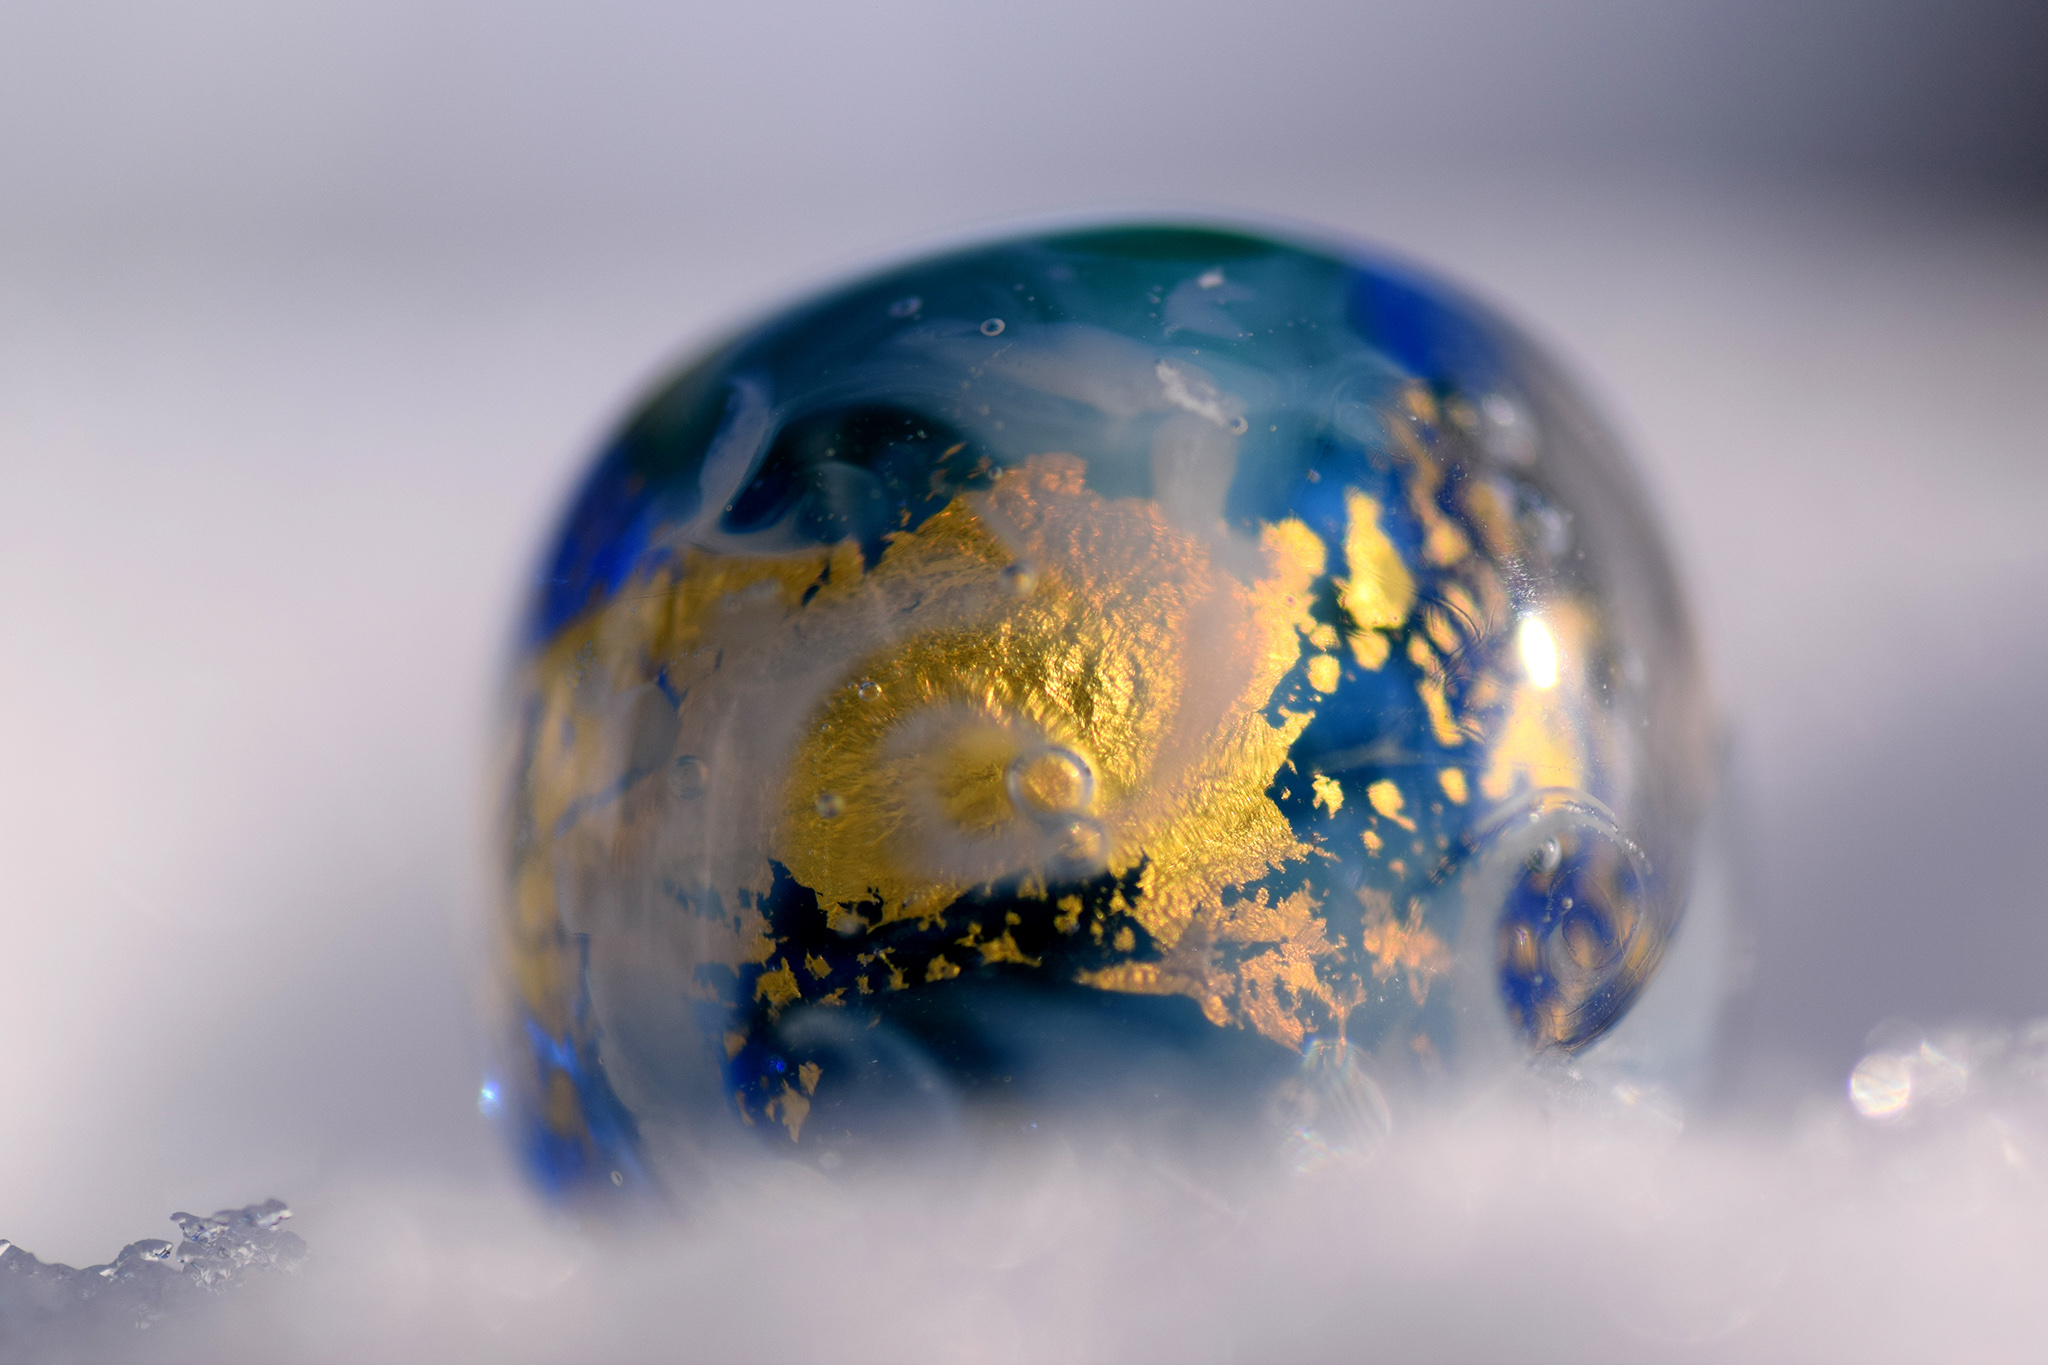 Glasperle, hergestellt und fotografiert von Andrea Jakob